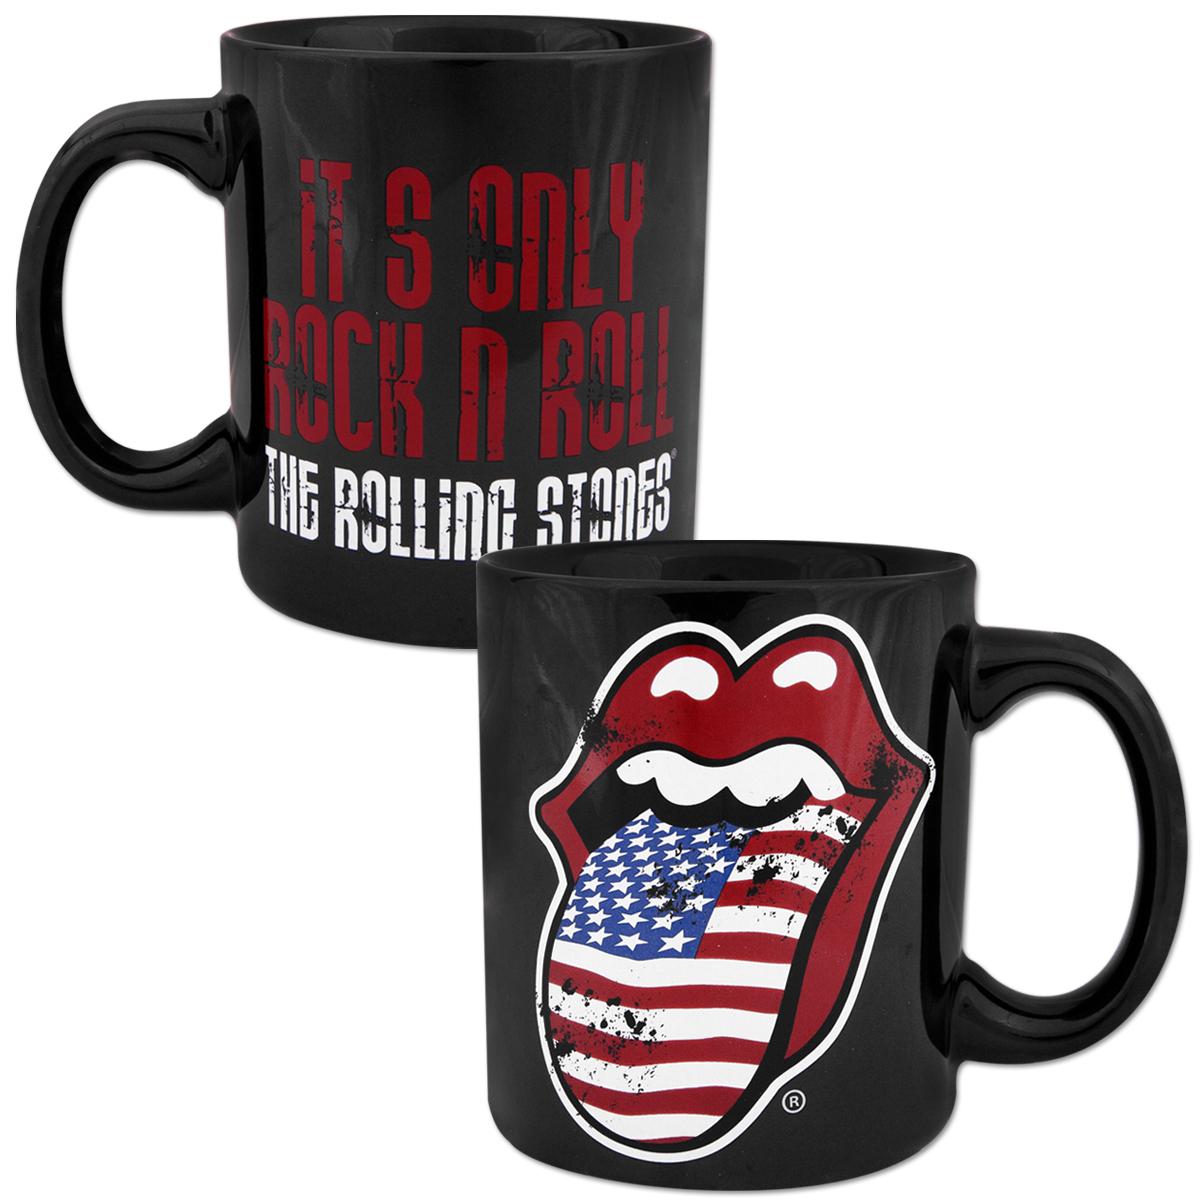 Rolling Stones Ceramic Mug